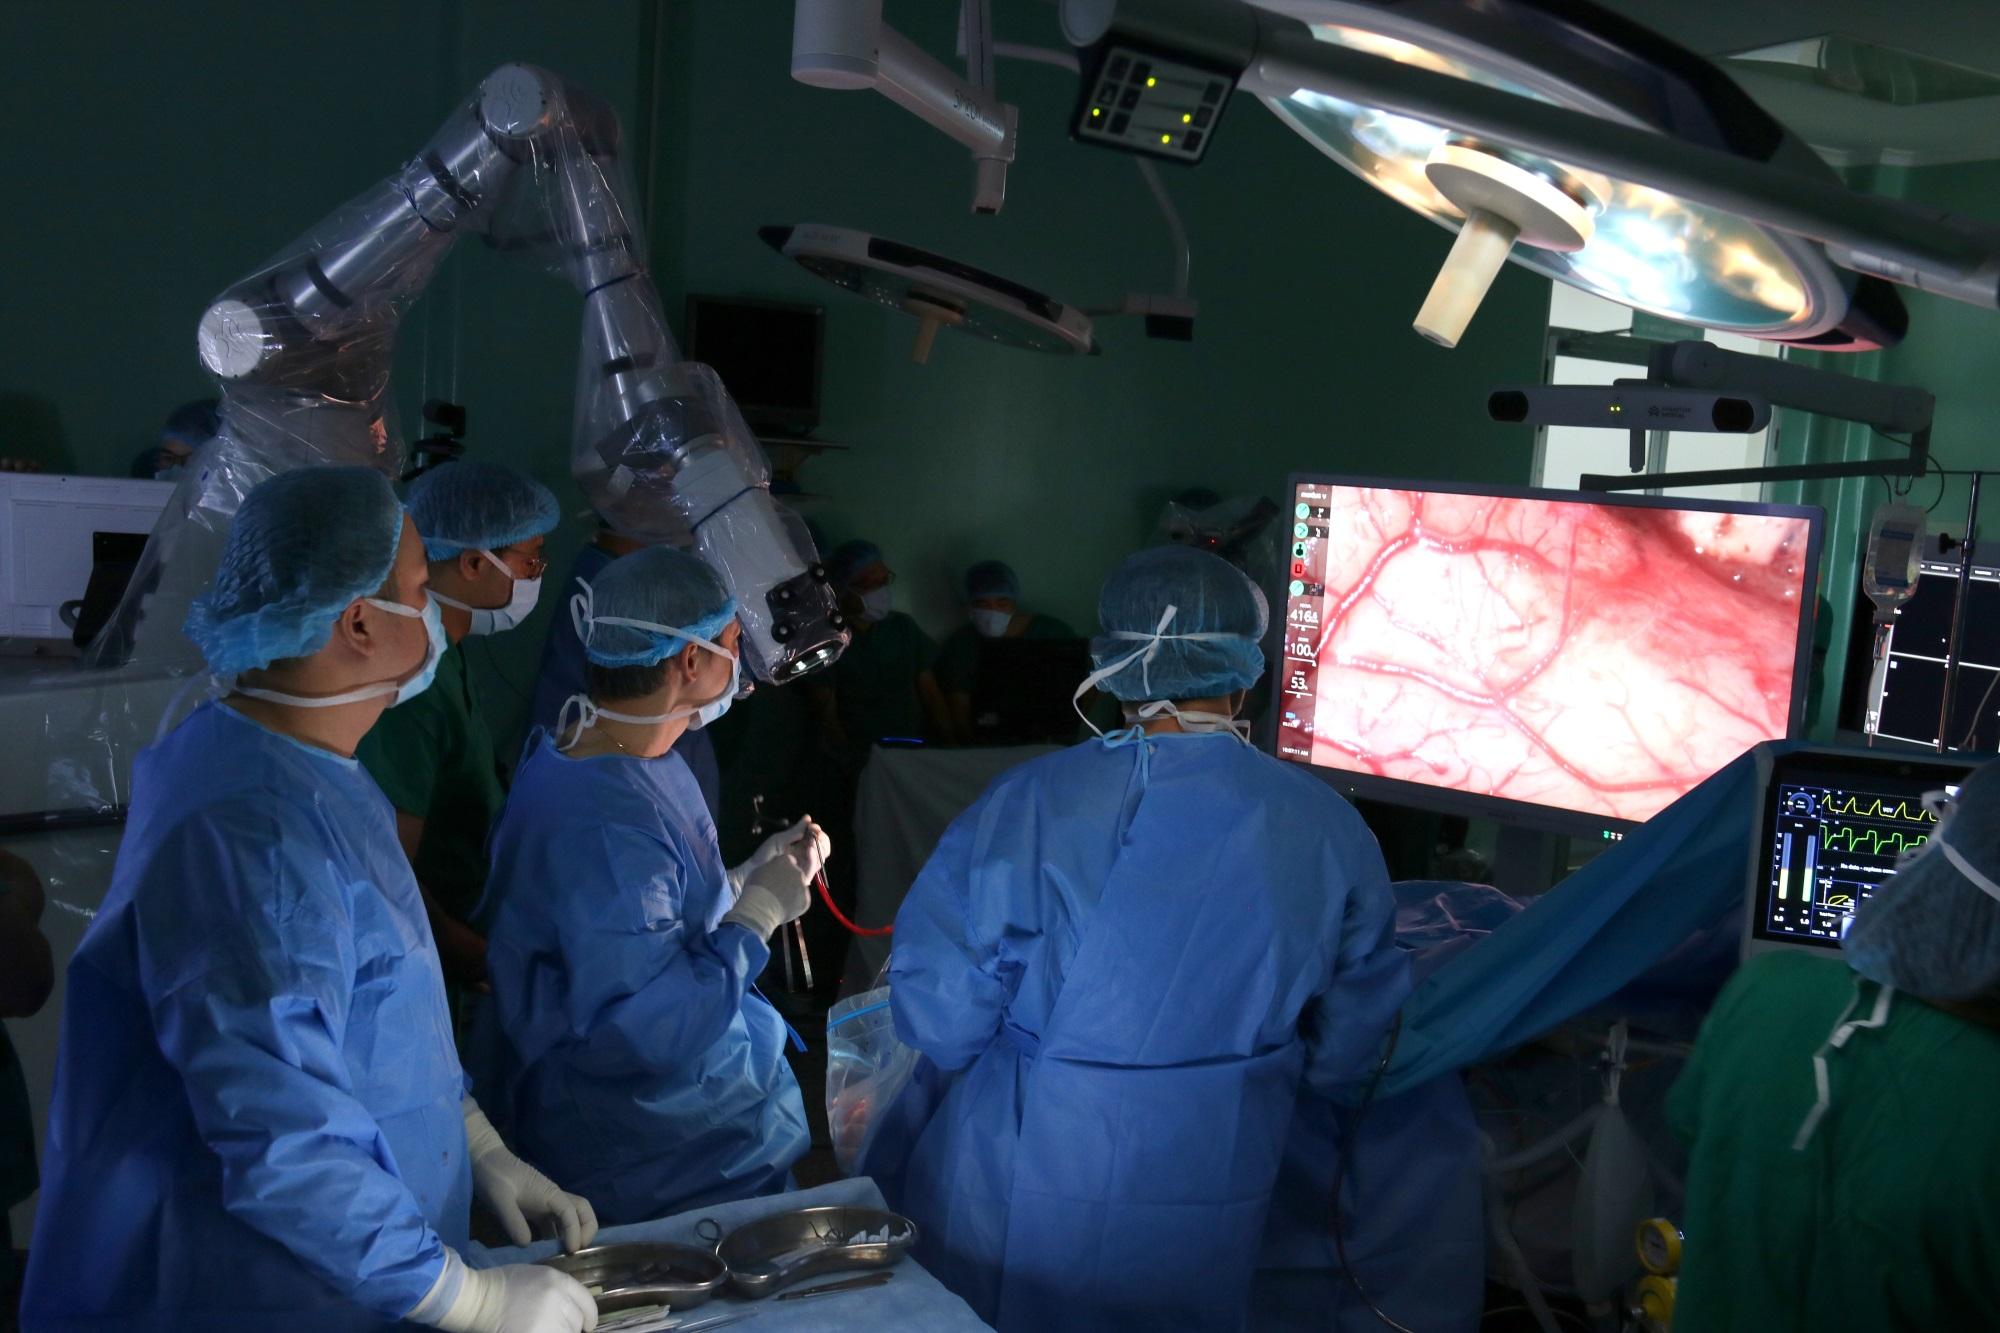 Ca phẫu thuật u não bằng hệ thống Robot đầu tiên ở Châu Á chỉ mất 90 phút  - Ảnh 2